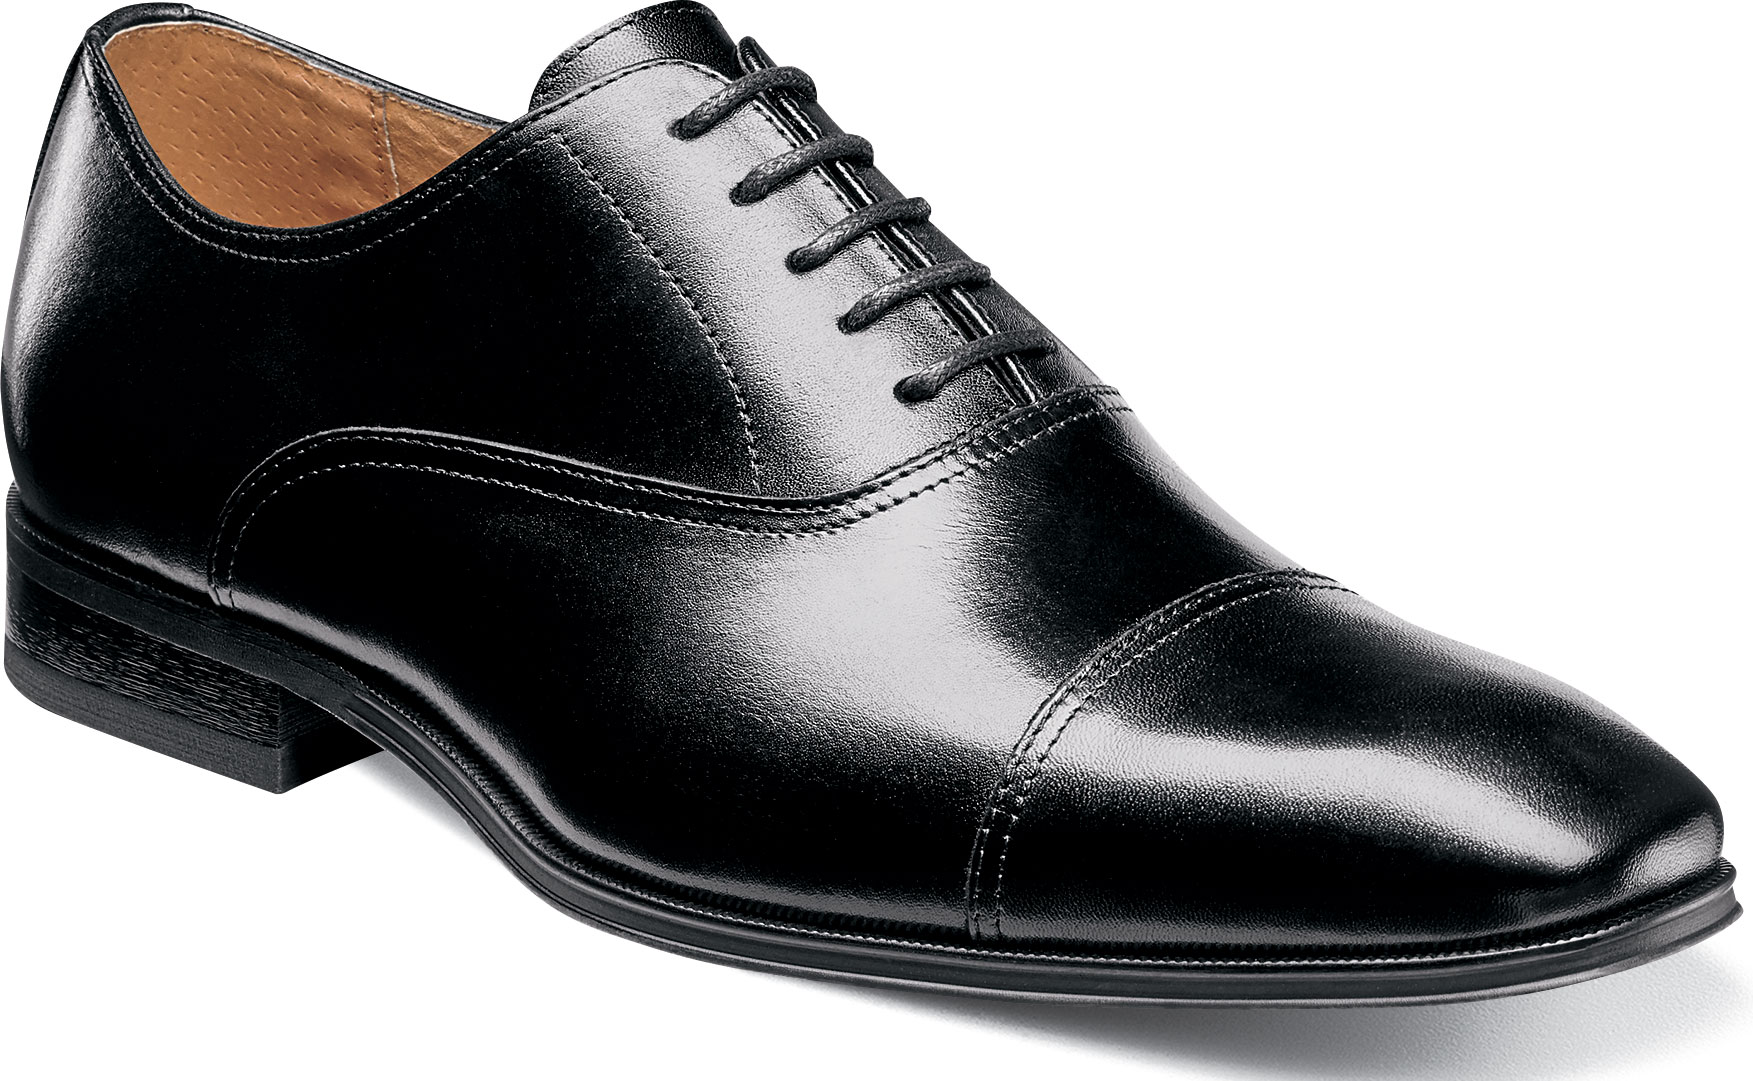 63f49d61c6858 Florsheim Men's Corbetta Cap Toe Oxford 14180-001 Black